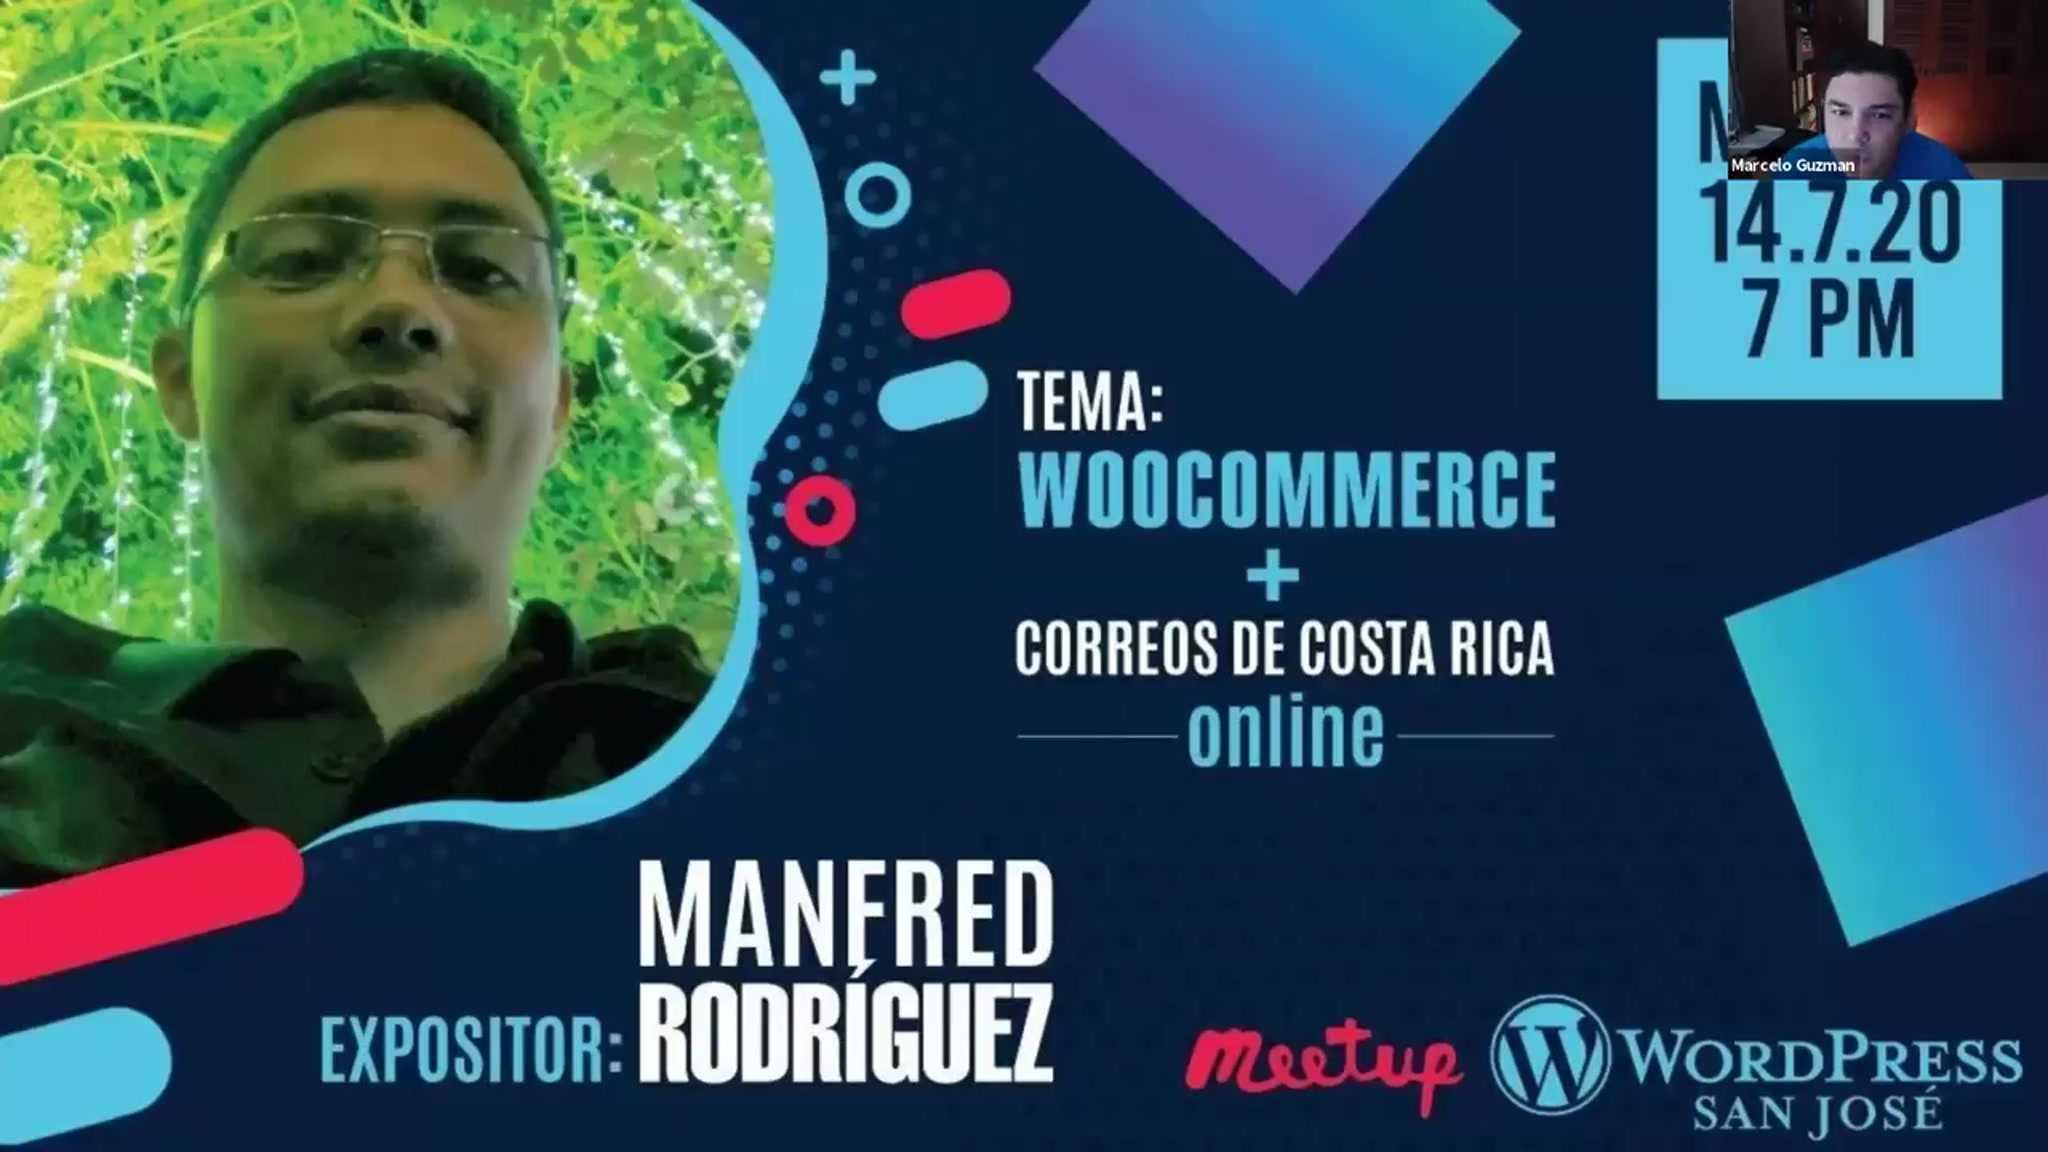 Manfred Rodríguez: WooCommerce + Correos de Costa Rica - Método basado en peso y ubicación